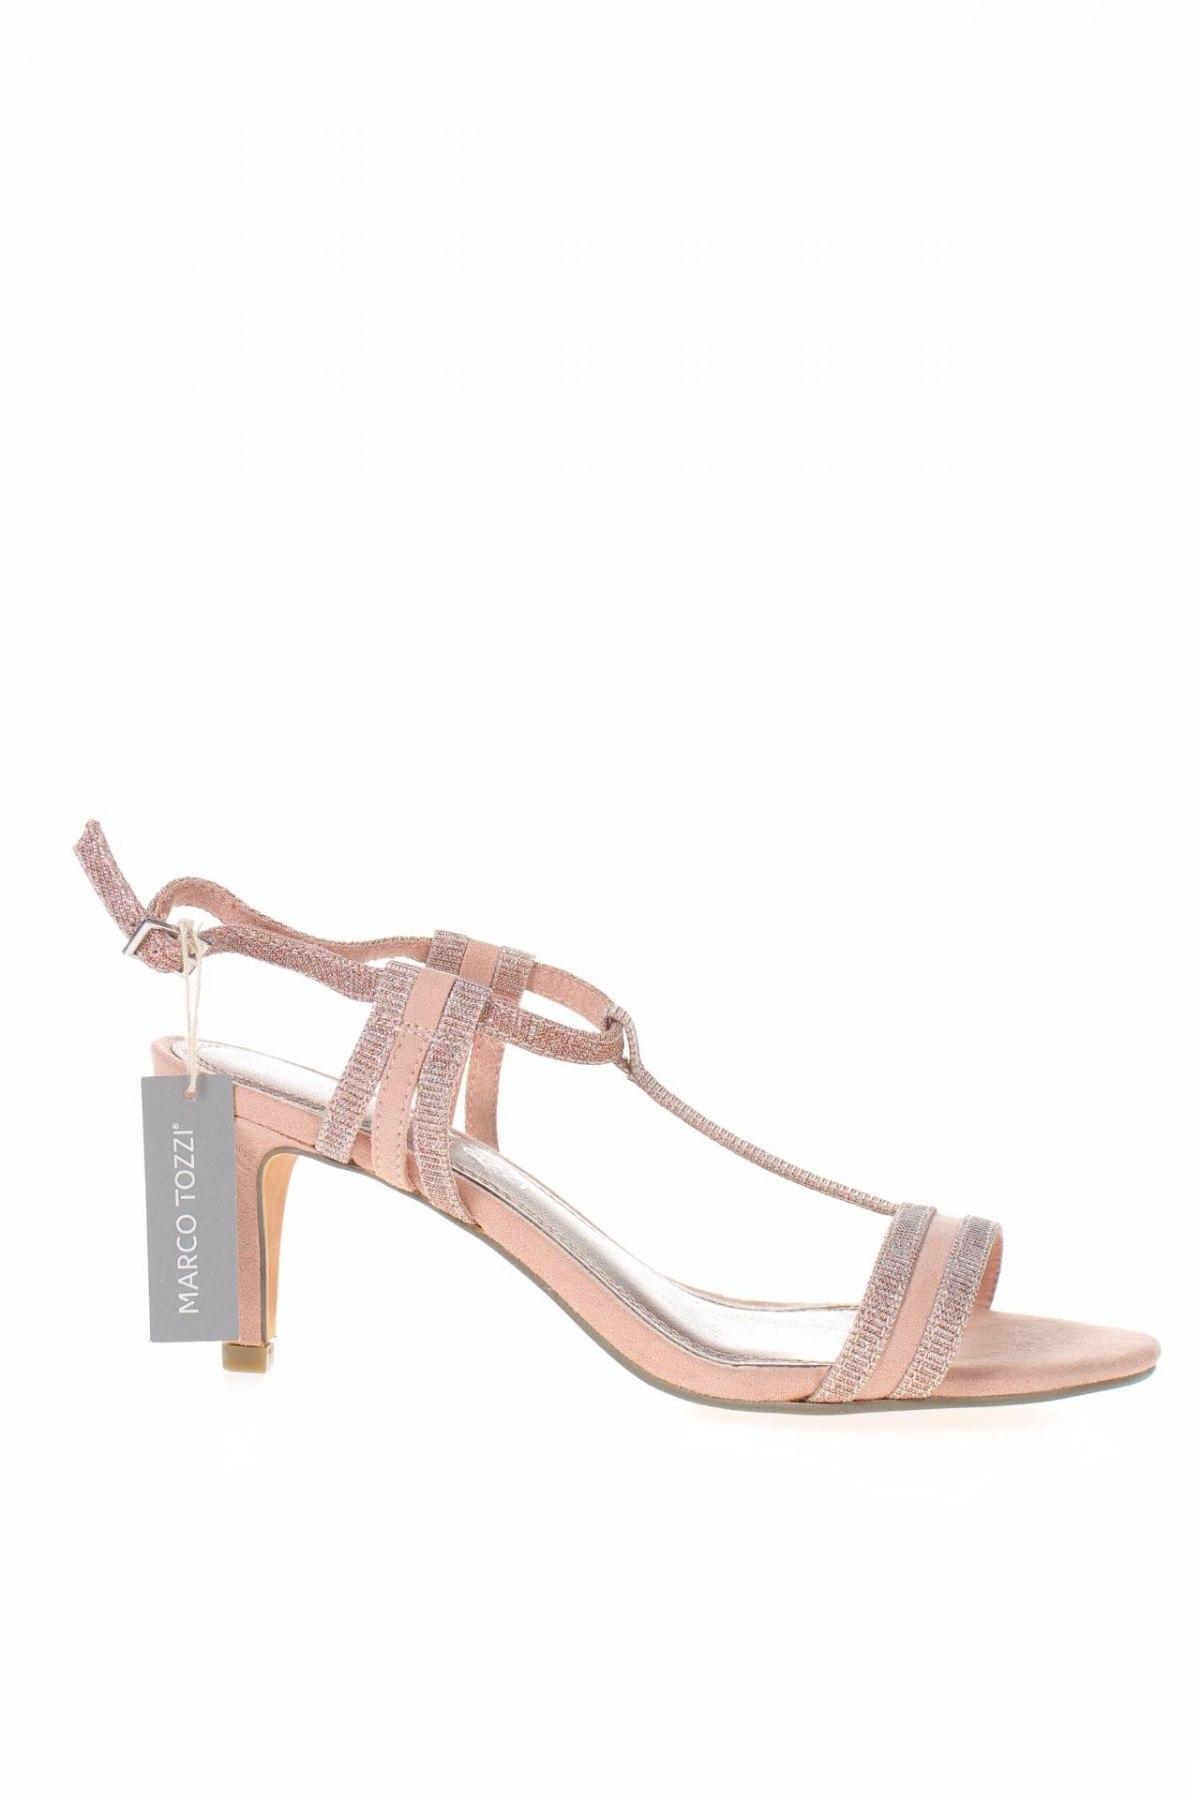 Σανδάλια Marco Tozzi, Μέγεθος 37, Χρώμα Ρόζ , Κλωστοϋφαντουργικά προϊόντα, Τιμή 23,62€